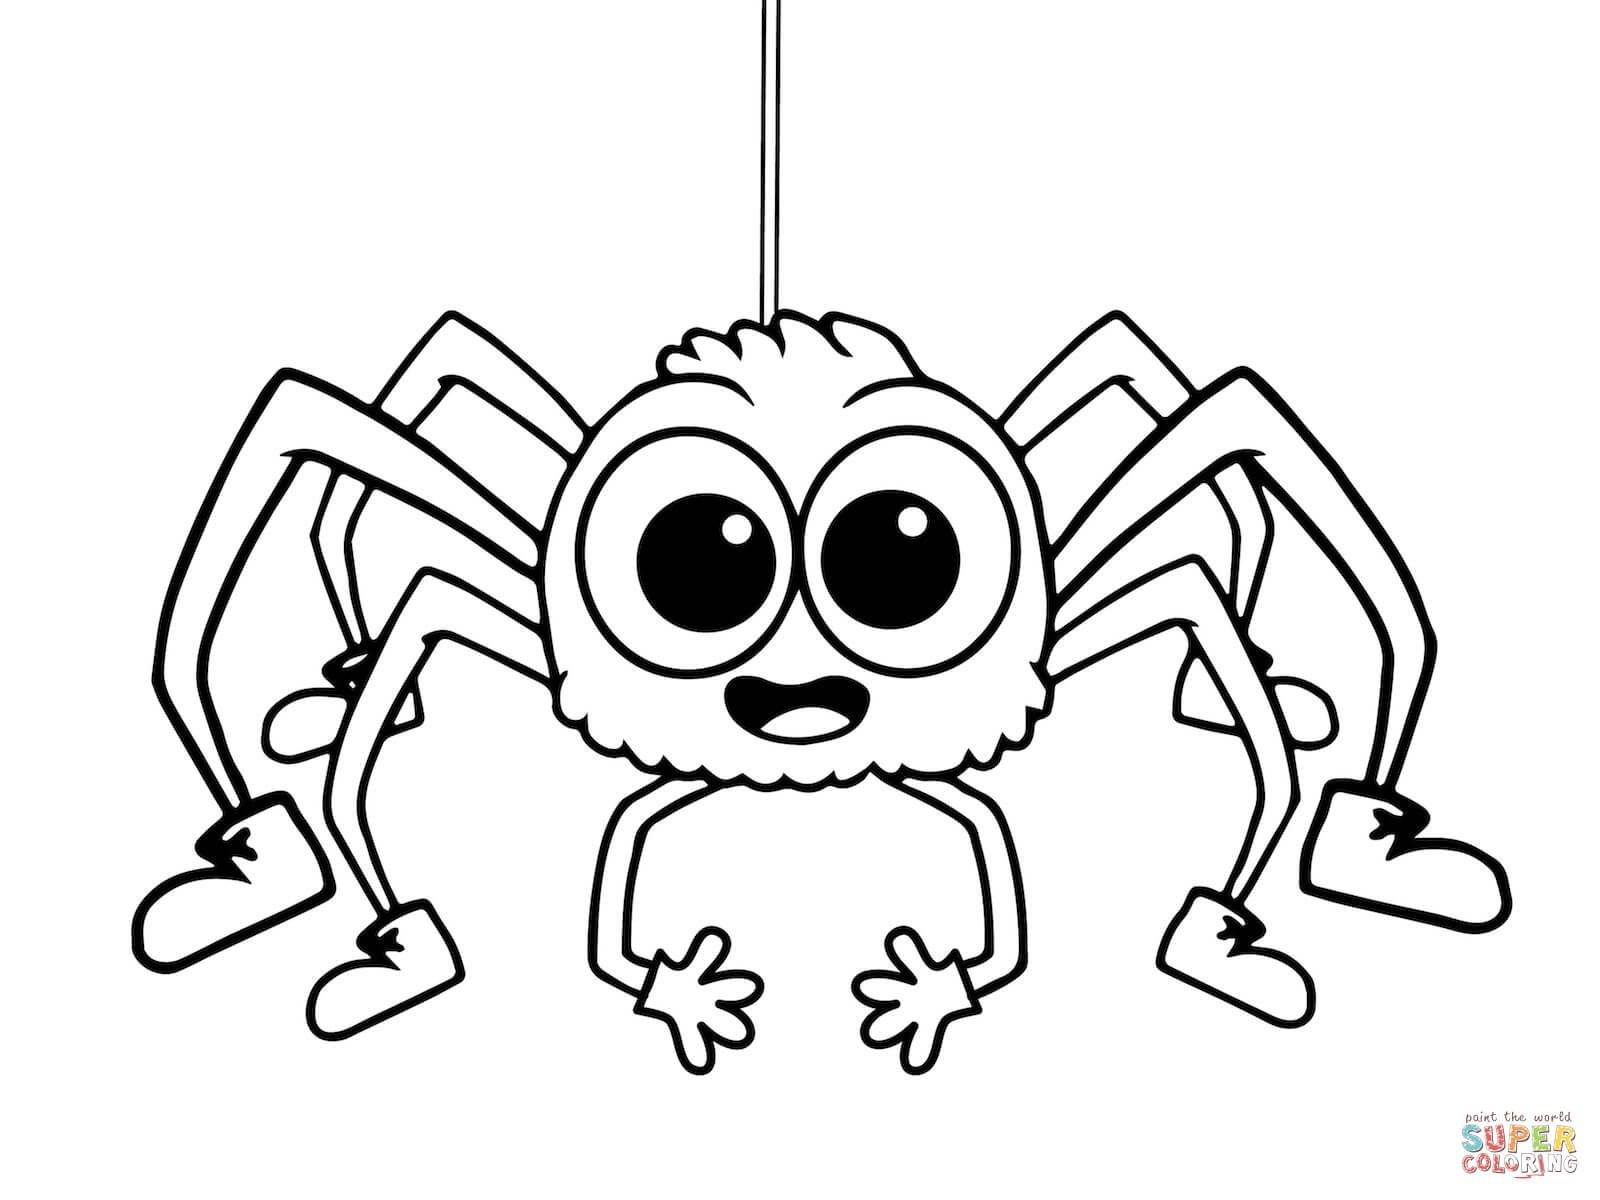 Arañas para colorear 2019 | Dibujos de arañas para colorear